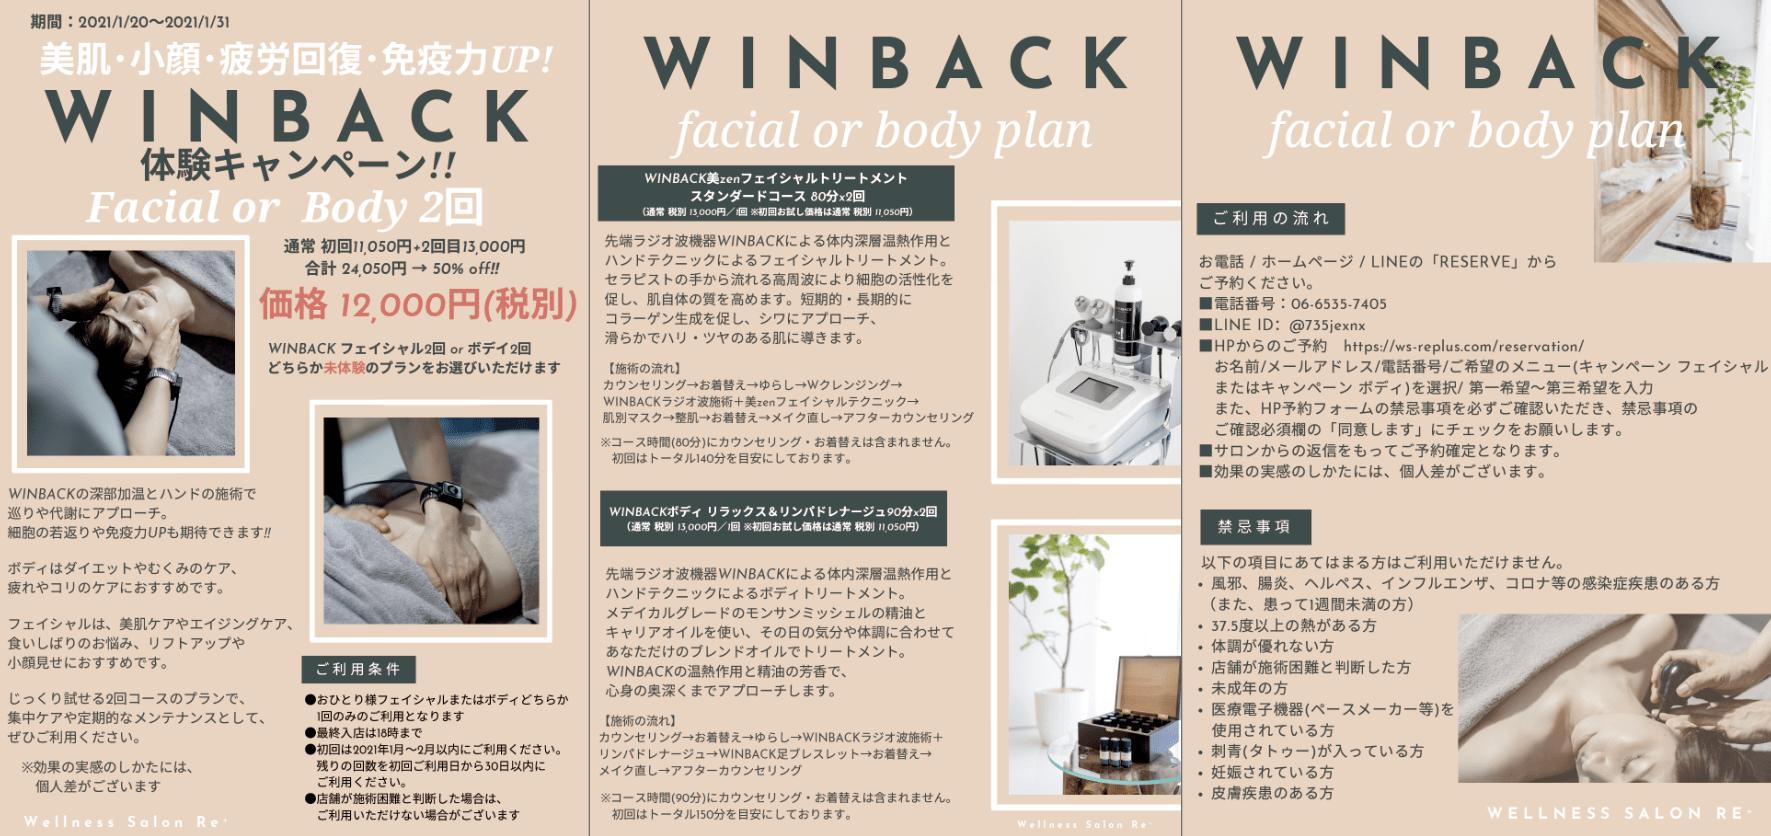 WINBACK体験キャンペーン